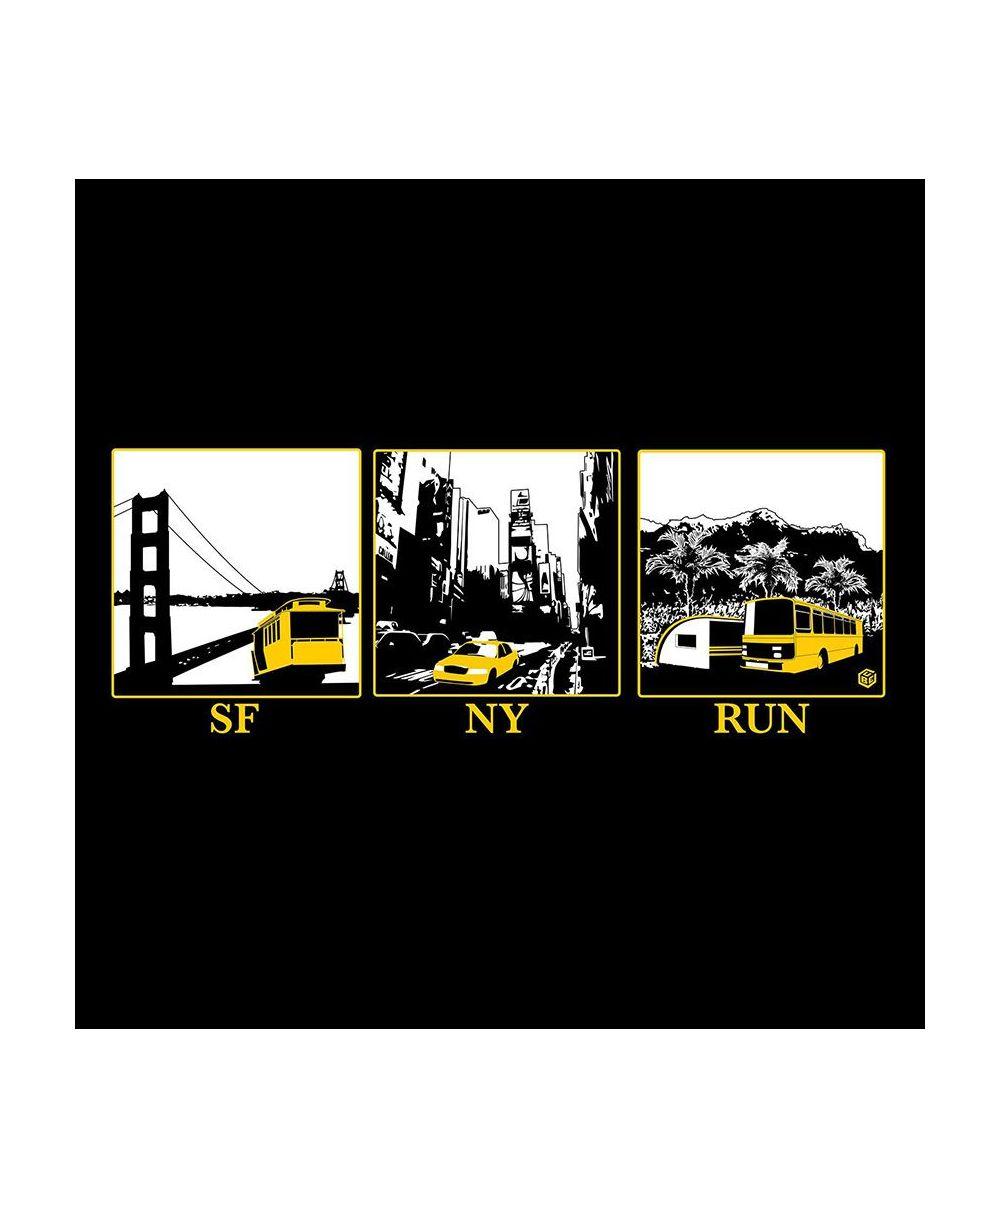 SF NY RUN